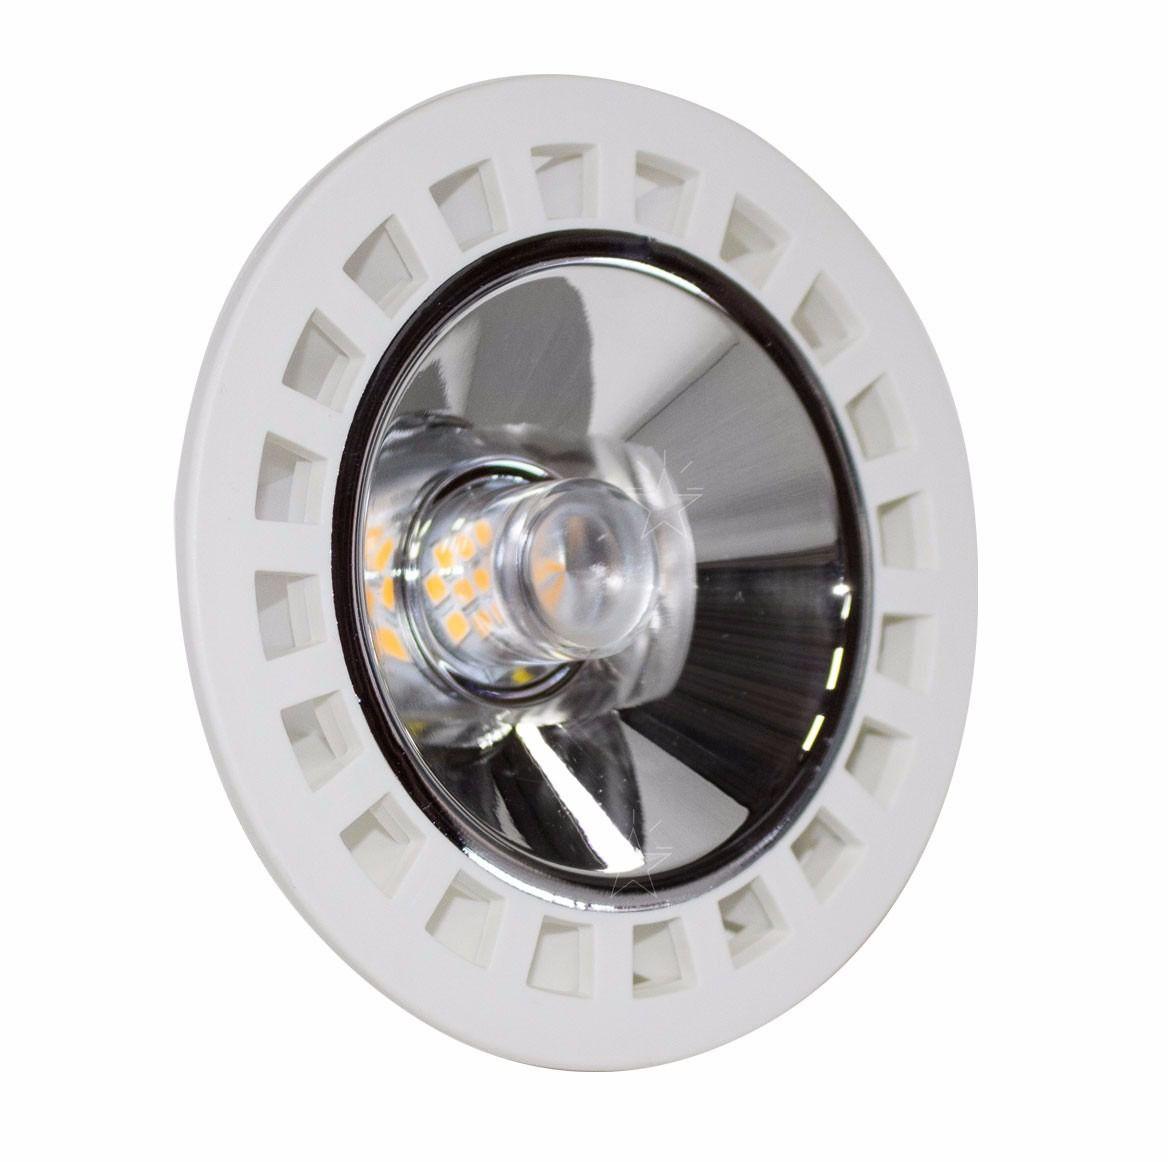 Lâmpada Luminária Led Cob Ar111 11w  Branco Frio Classe A